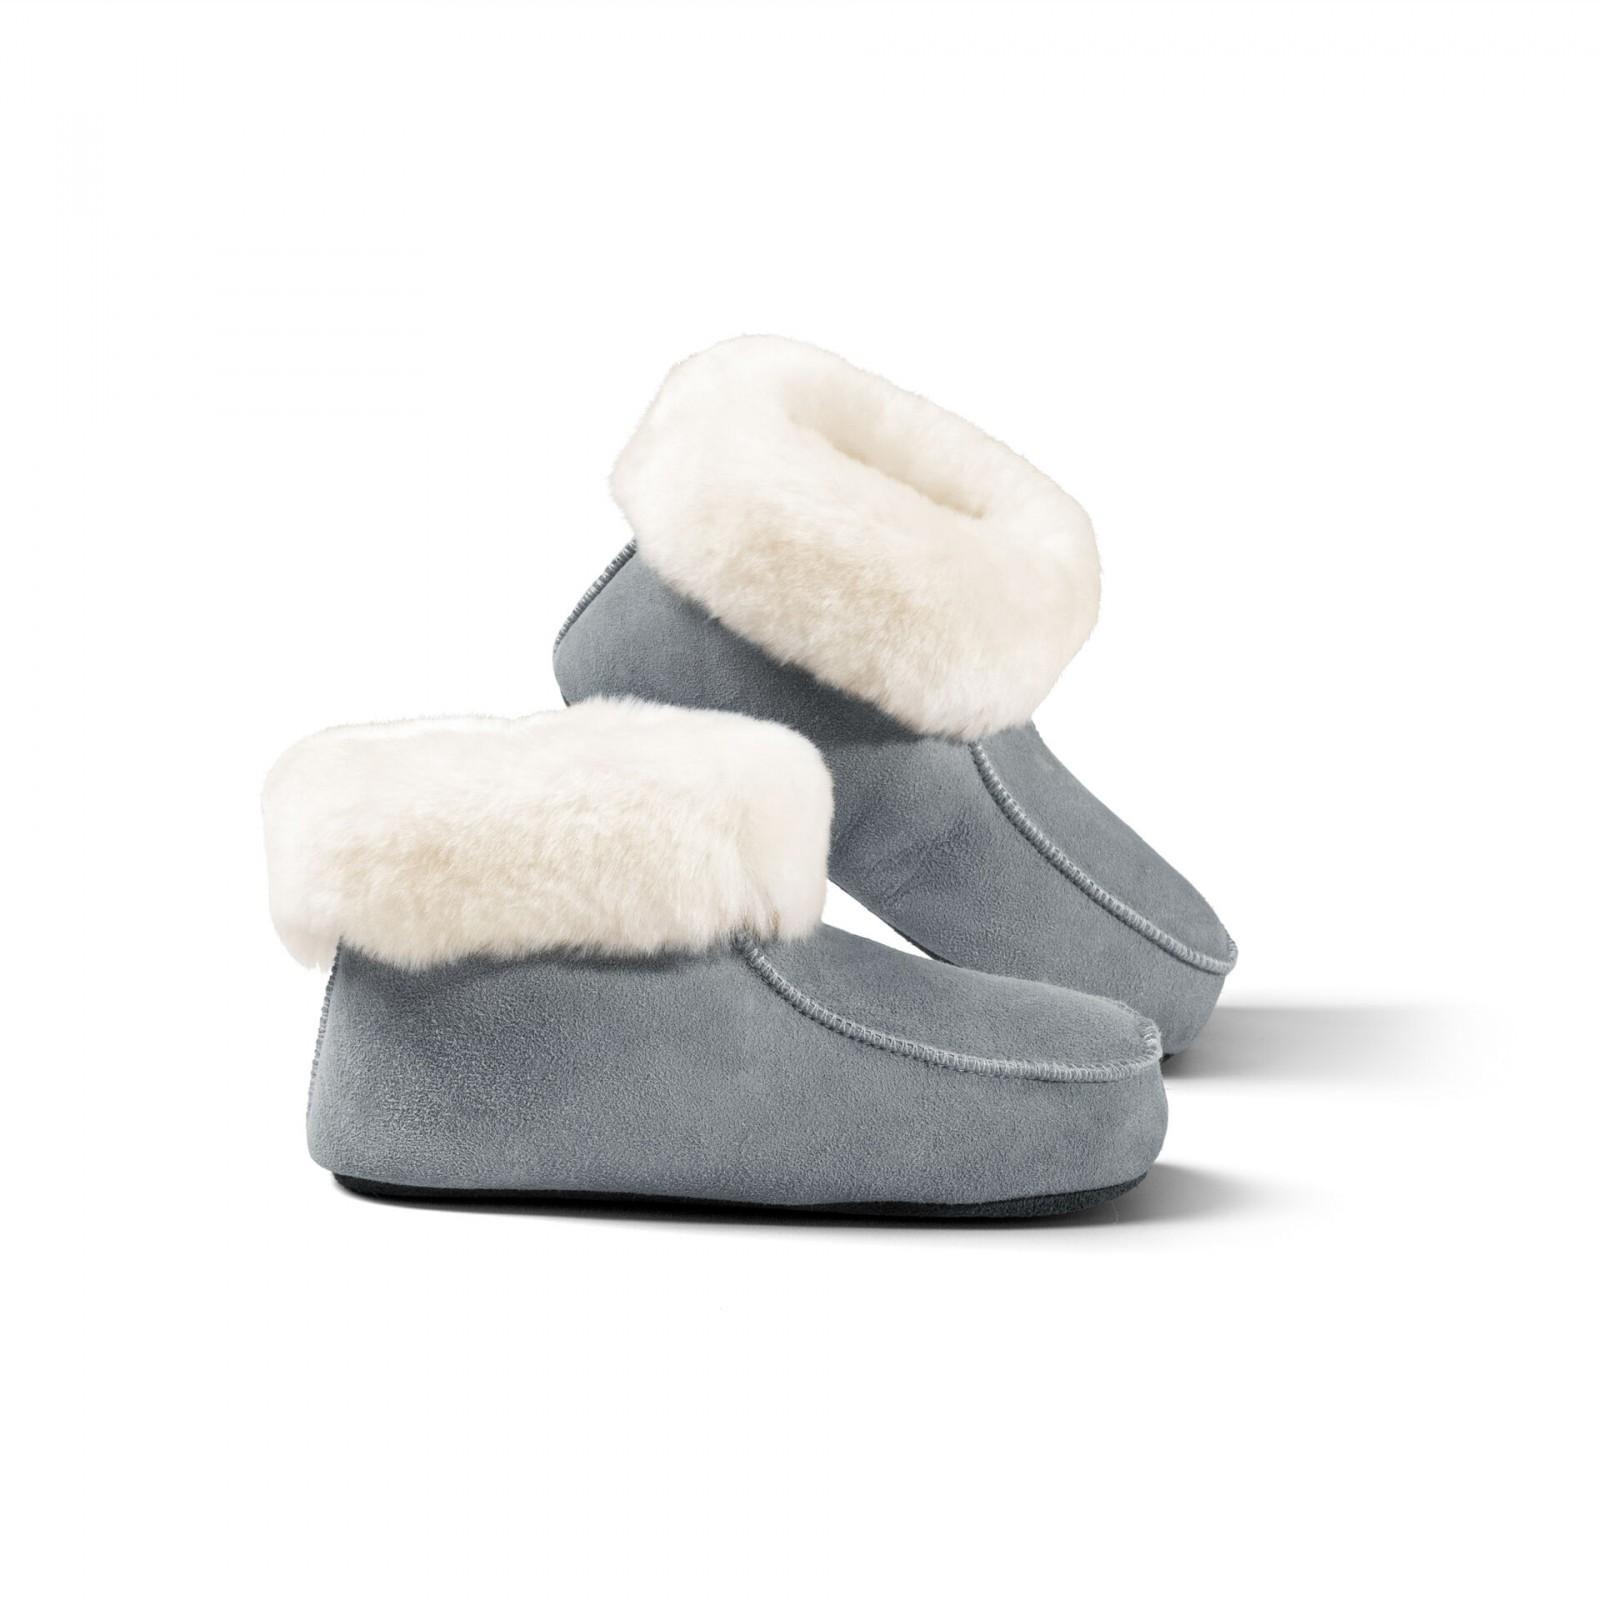 Dětská domácí obuv s koženou podrážkou Zvolte variantu: Modrá, Velikost: 35